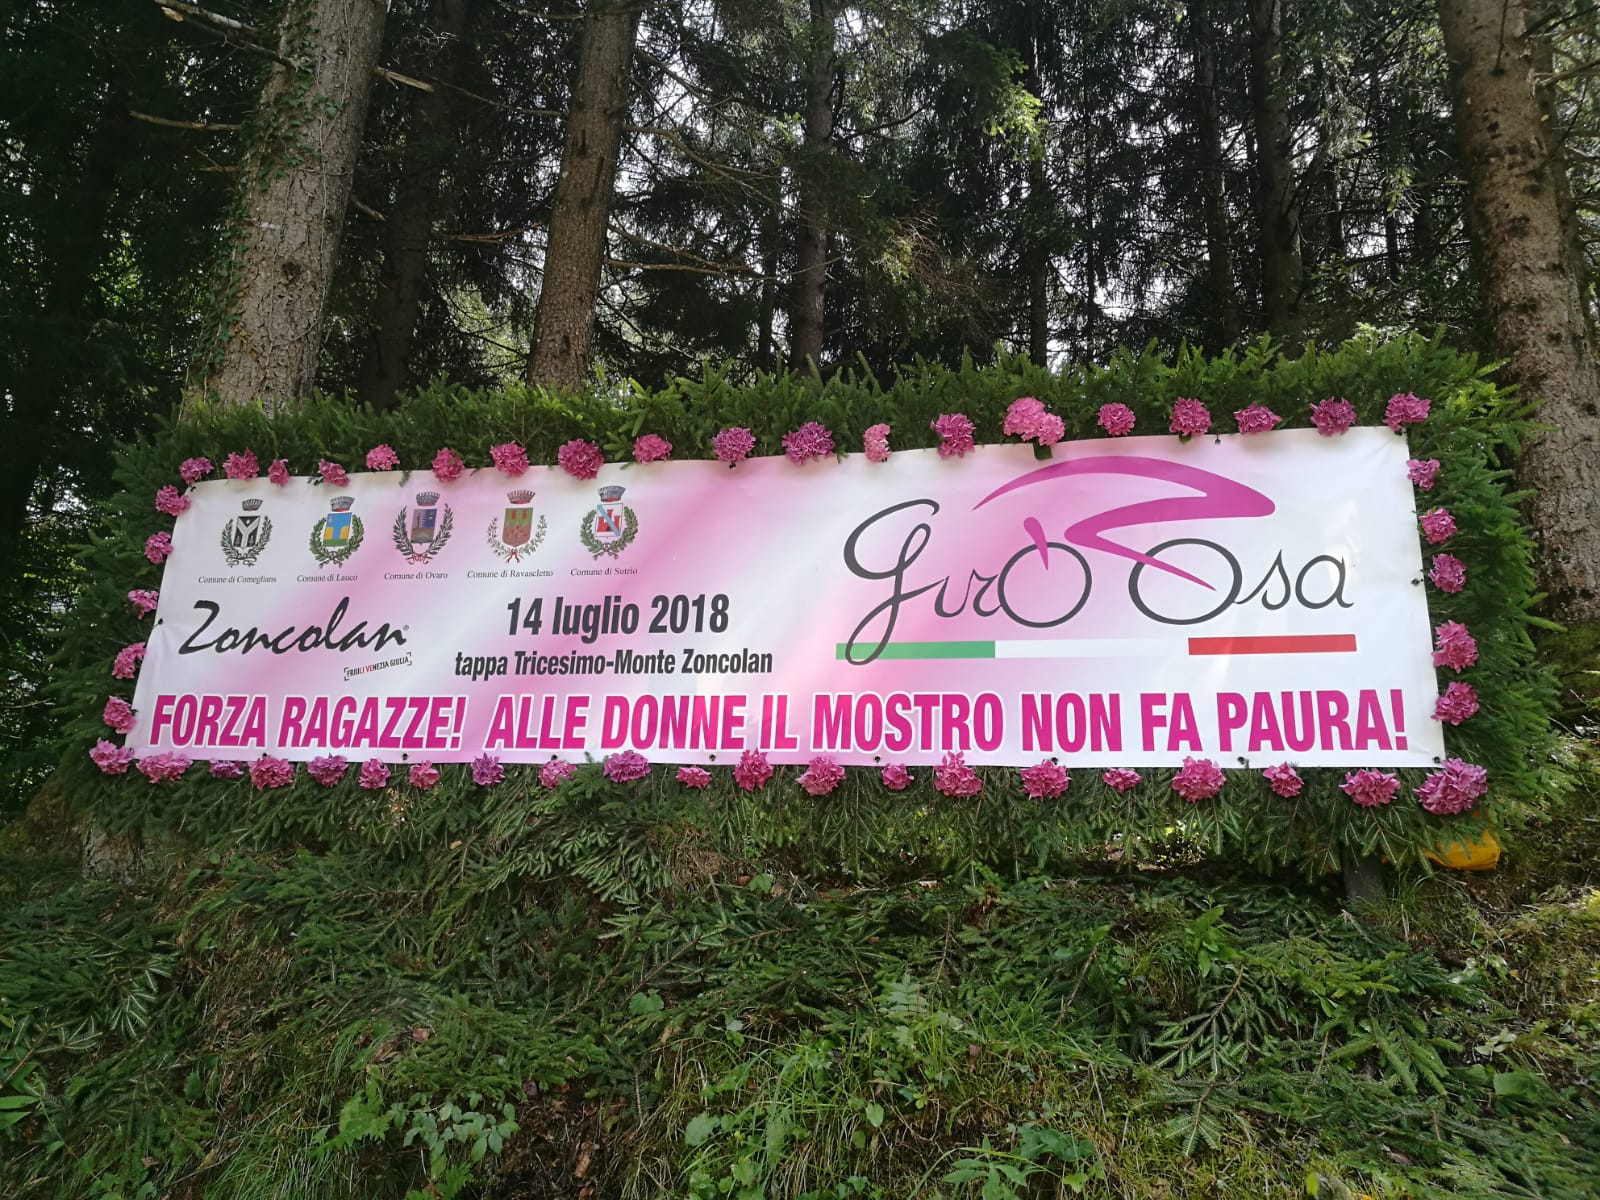 Giro Rosa